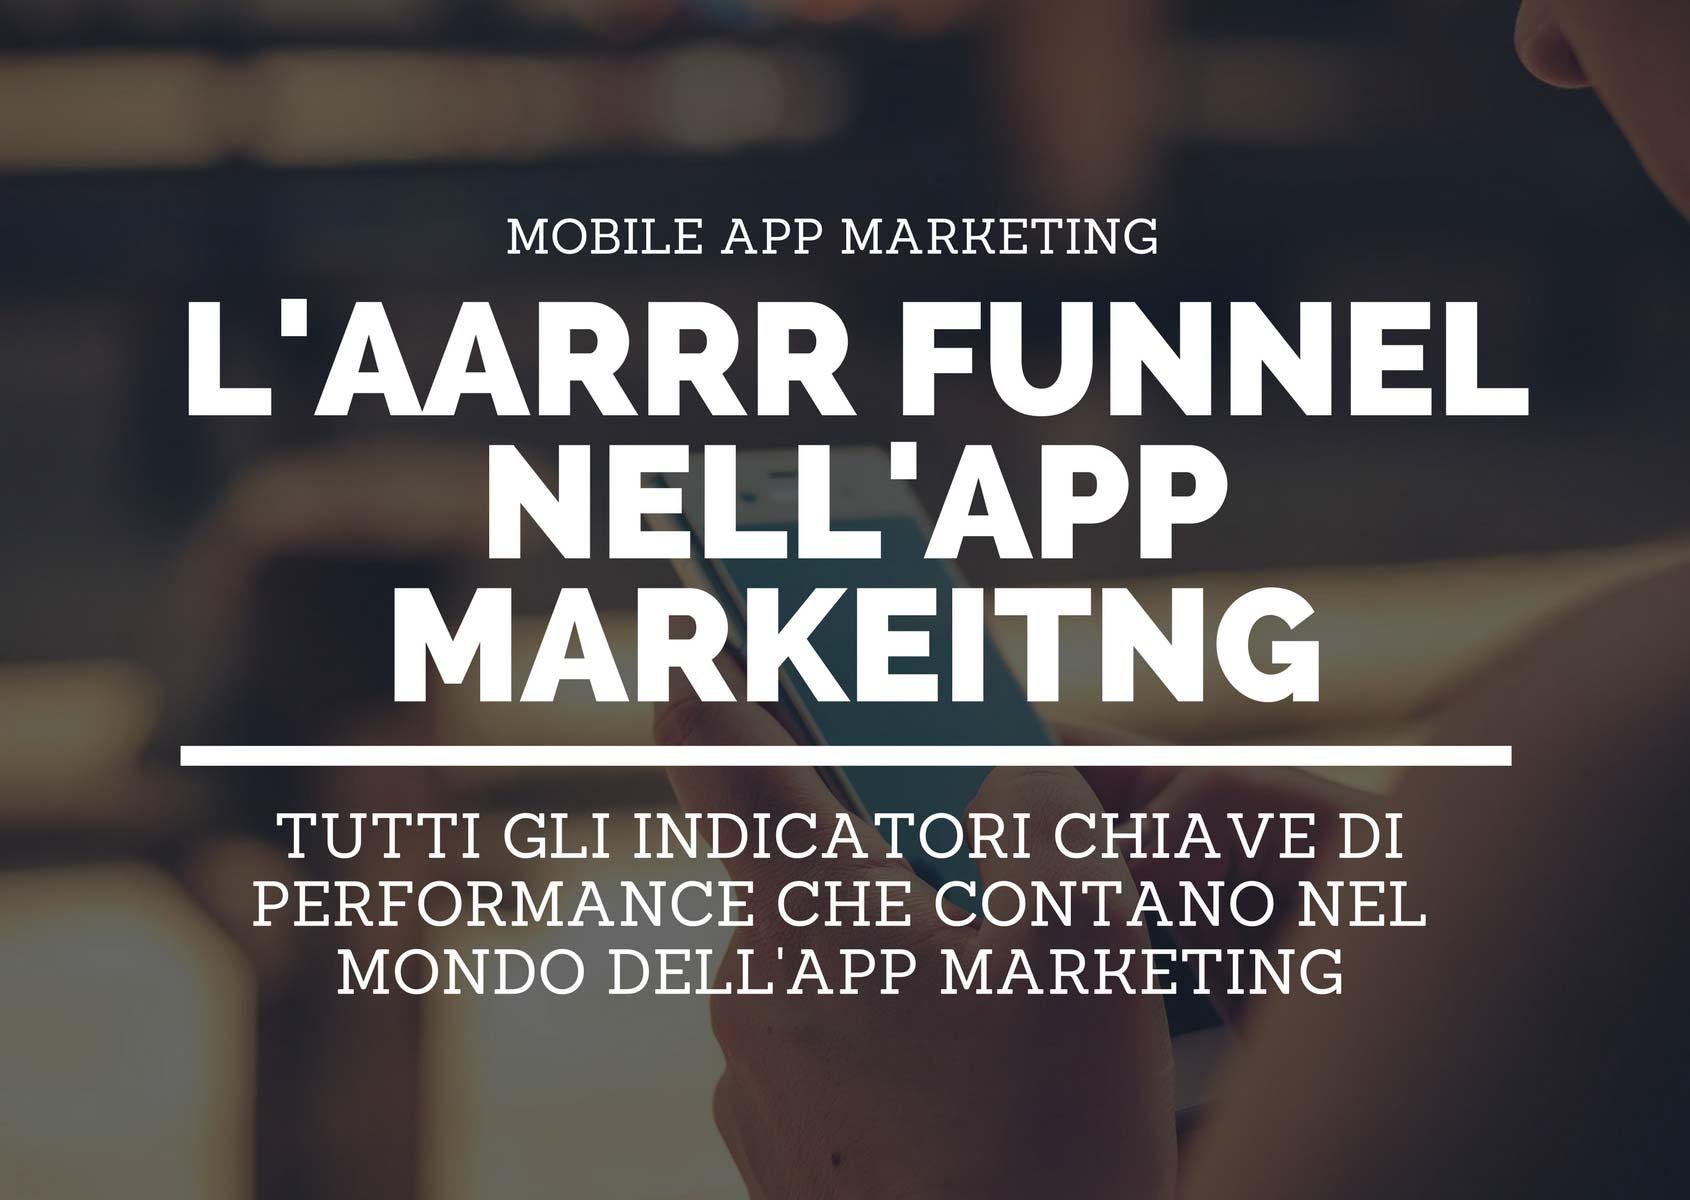 AARRR funnel nell'app marketing